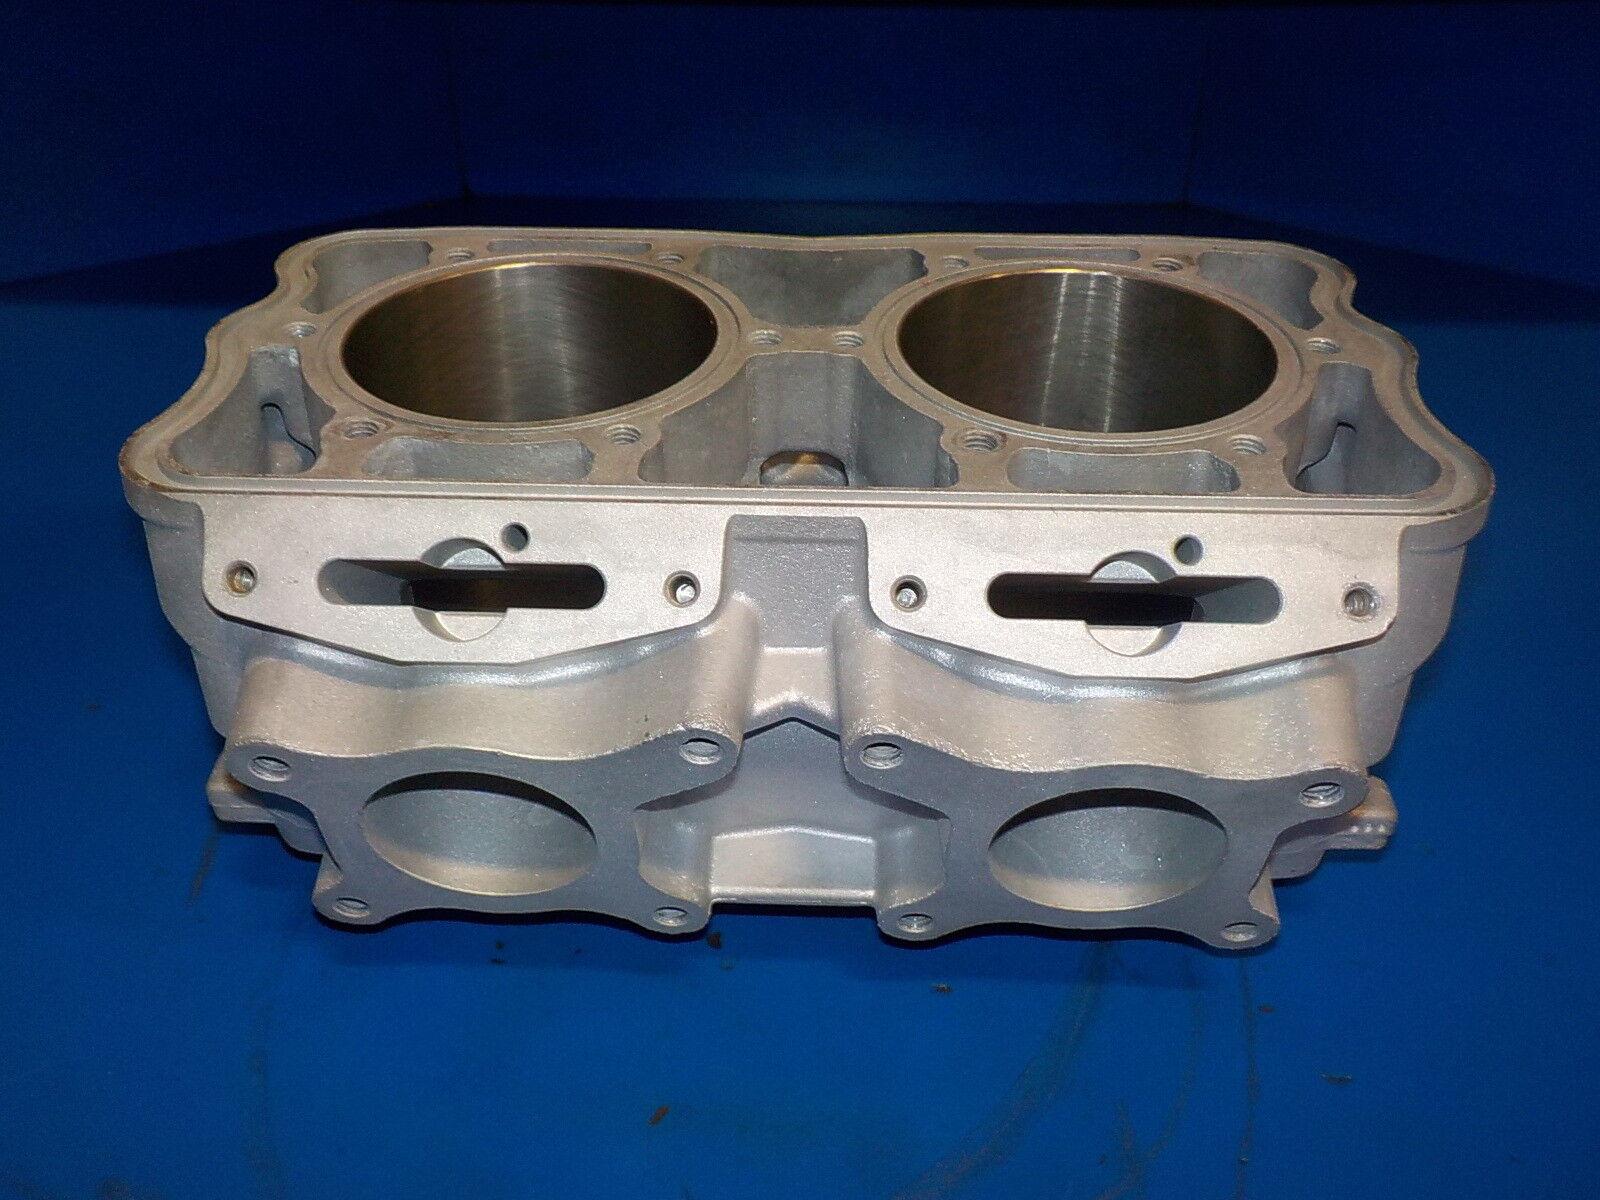 2012 Polaris Pro Rmk 800 Cylinder Core Oem 3022352 Ebay 03 Ski Doo Mxz 700 Engine Diagram